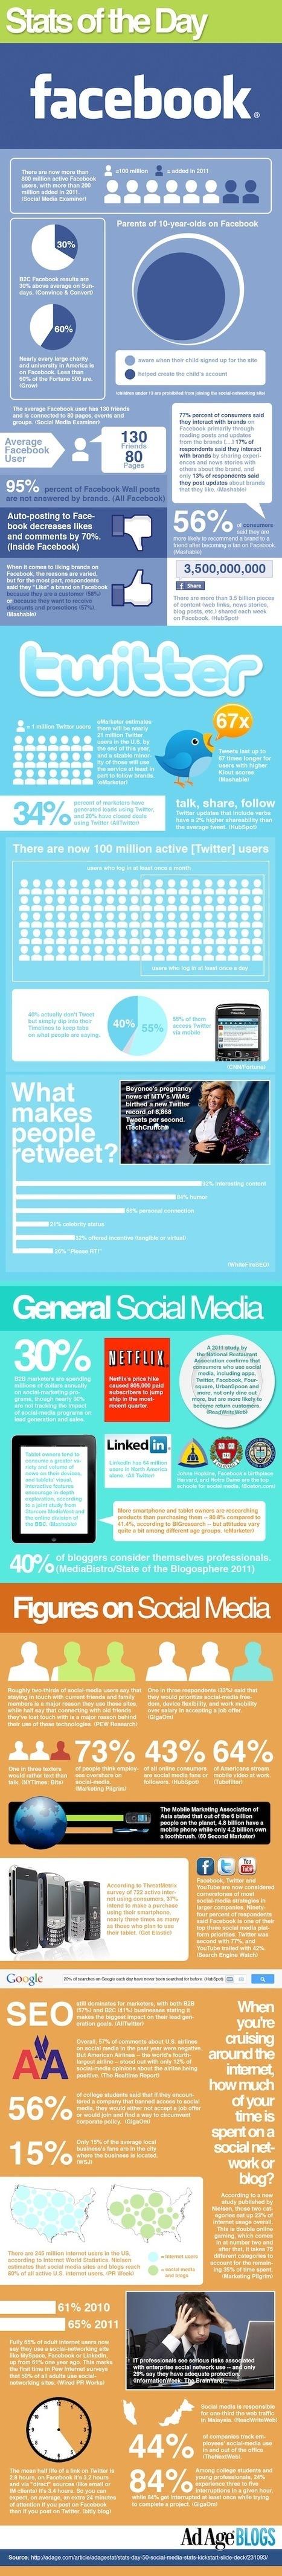 [Infographie] Dernier état des lieux des médias sociaux en 2011 | Social Media Curation par Mon Habitat Web | Scoop.it